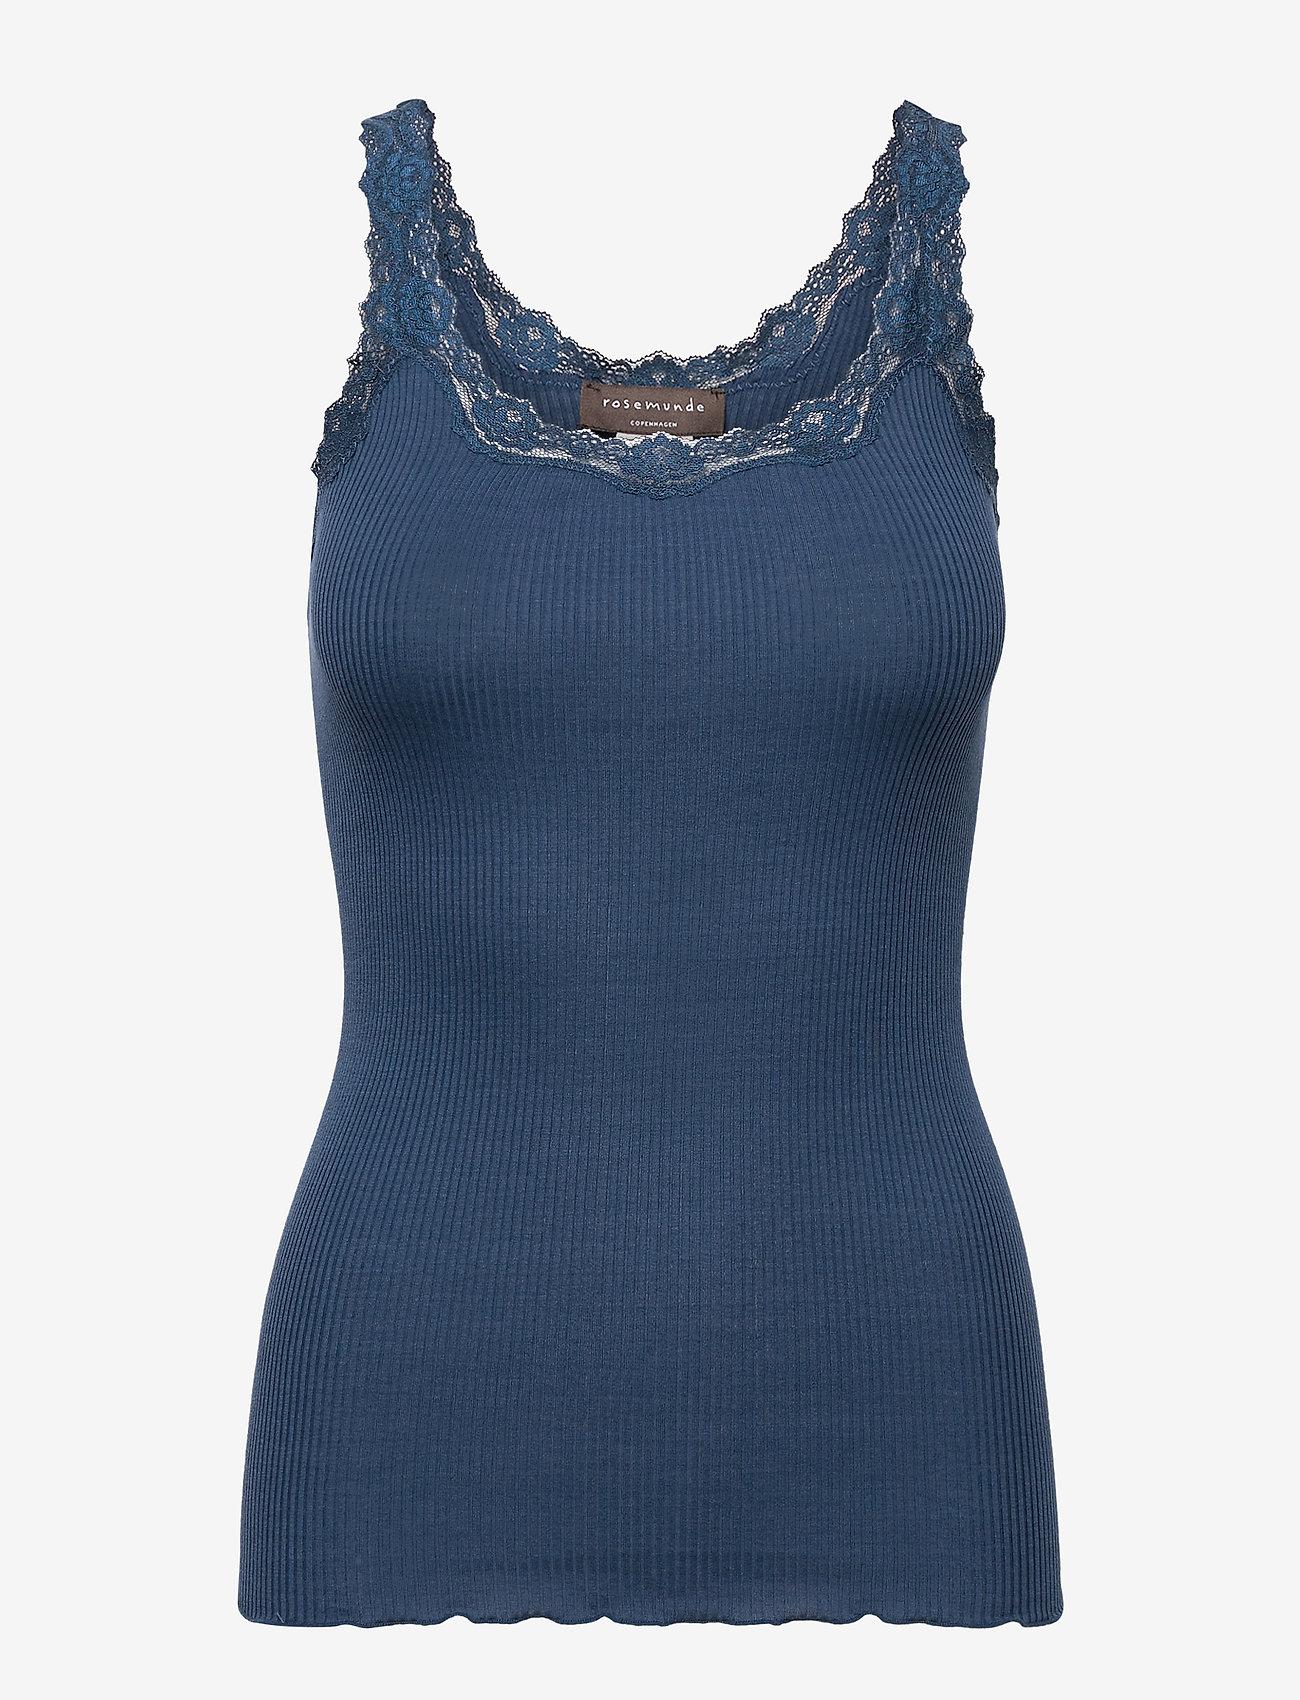 Rosemunde - Silk top w/ lace - ermeløse topper - denim blue - 0